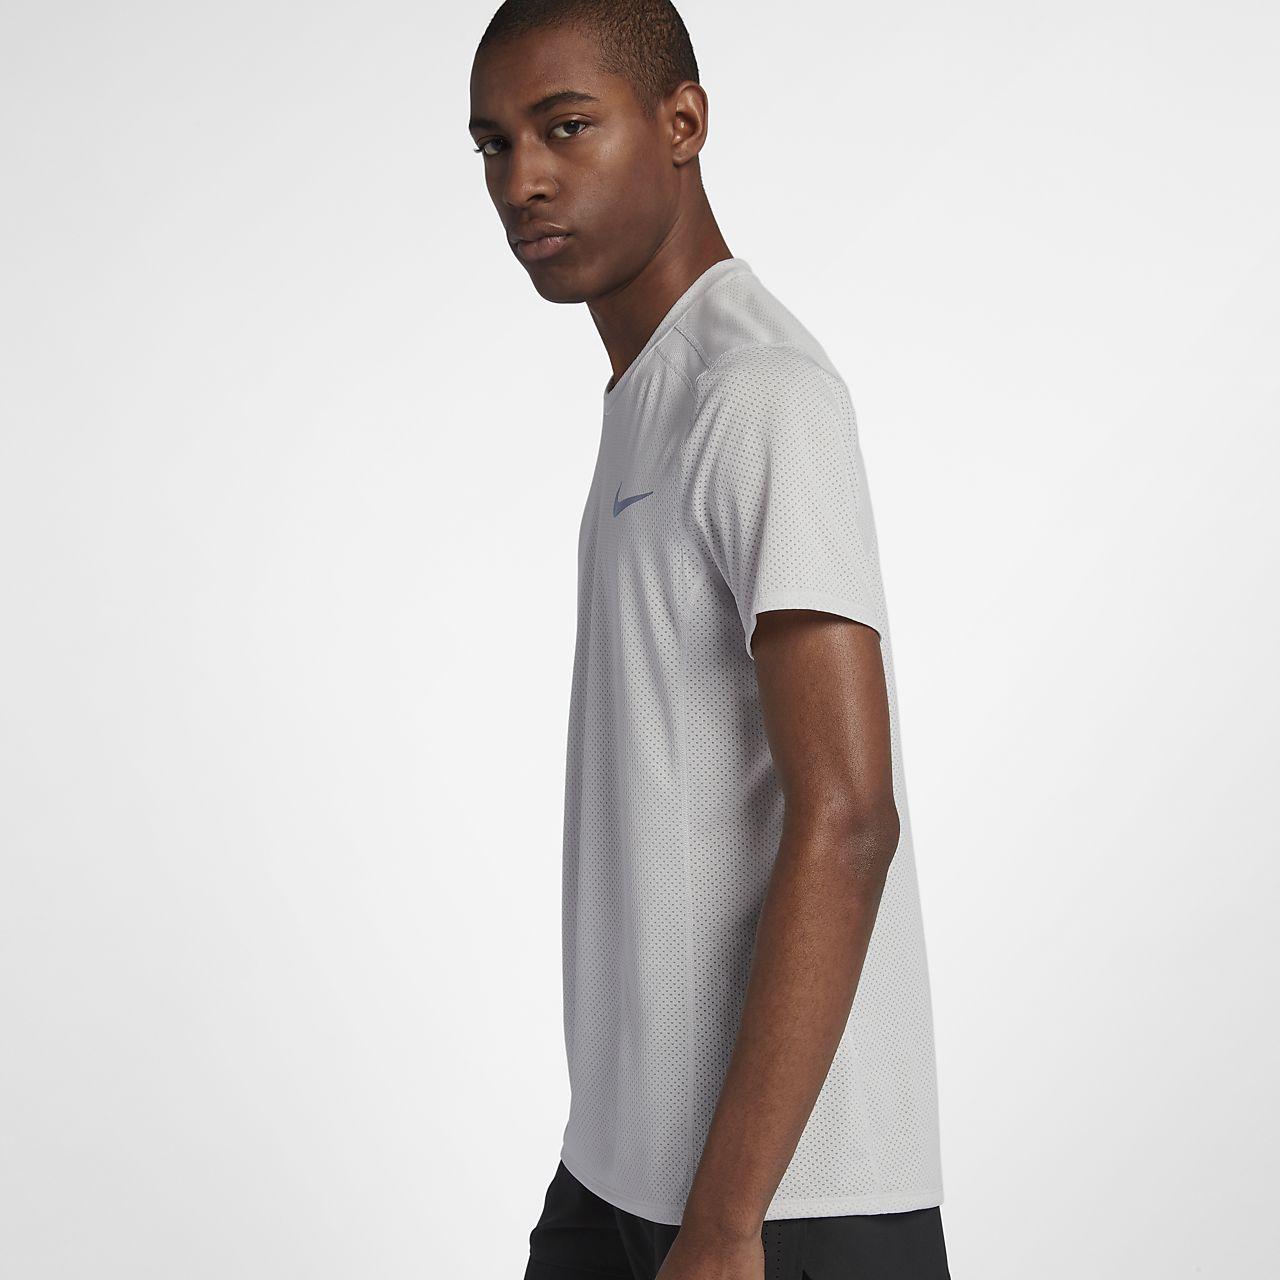 b24d44c4c5 Nike Dri-FIT Miler Cool rövid ujjú férfi futófelső. Nike.com HU